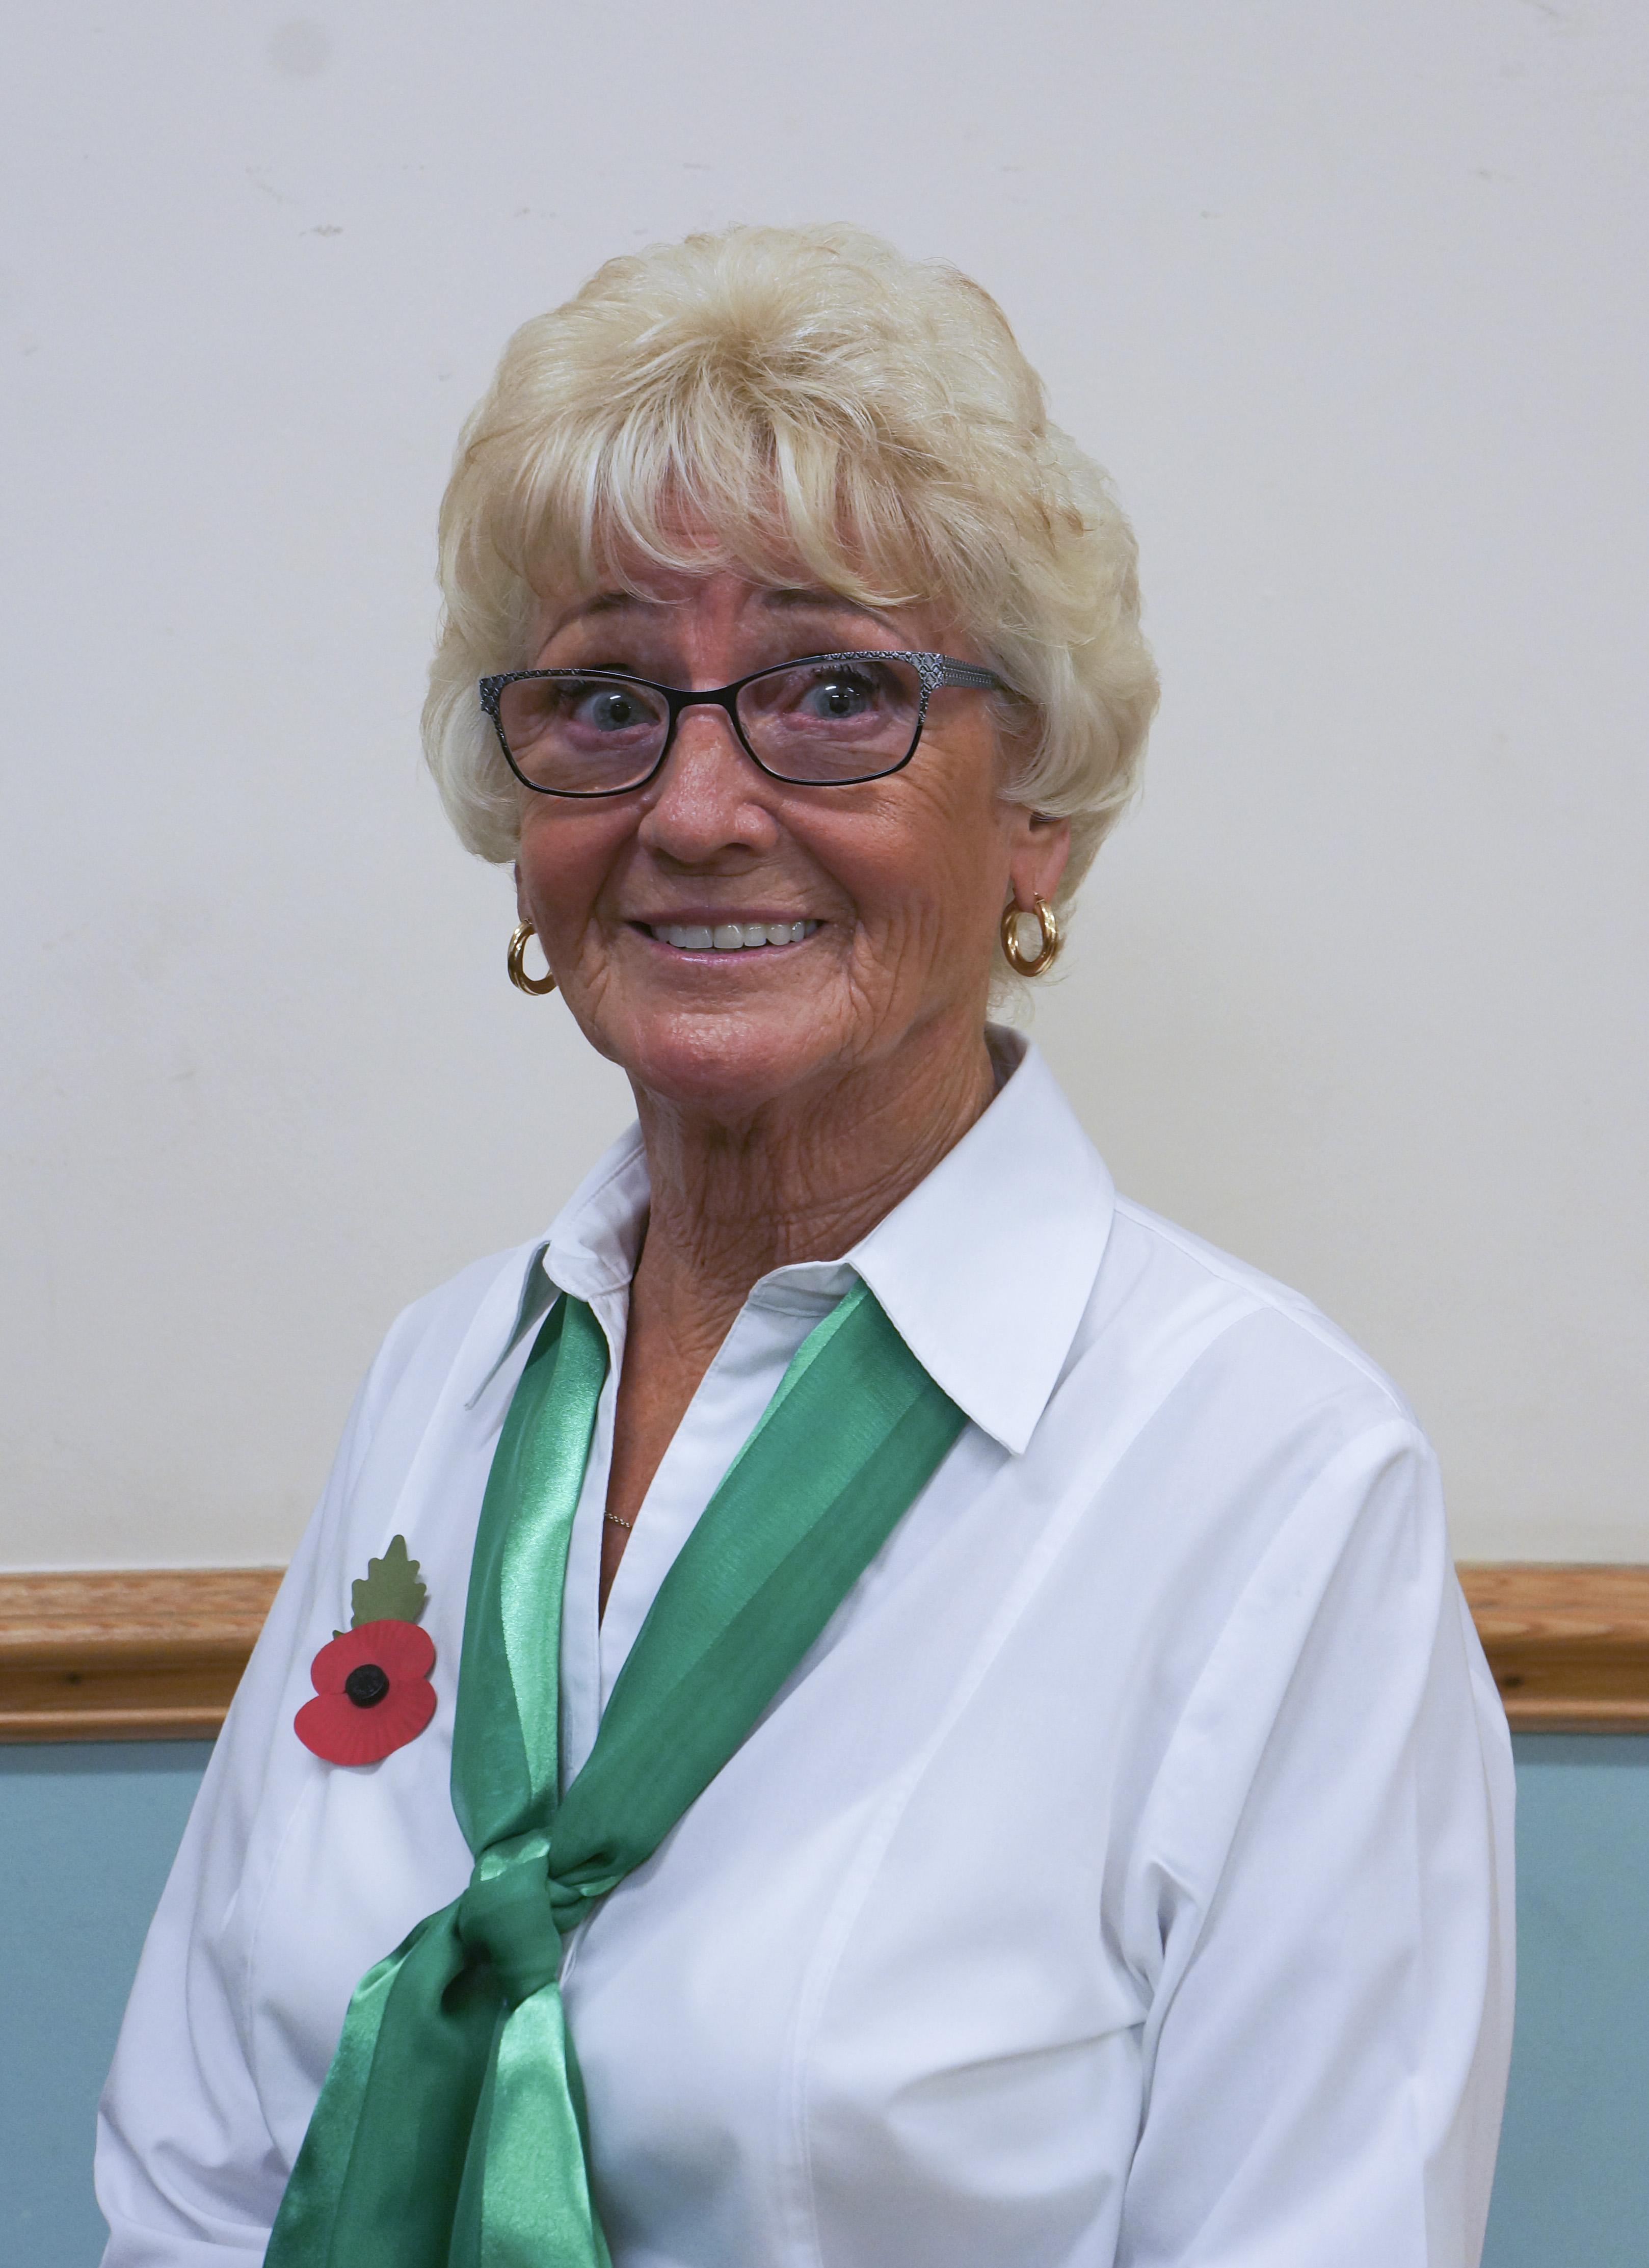 Sally Fox